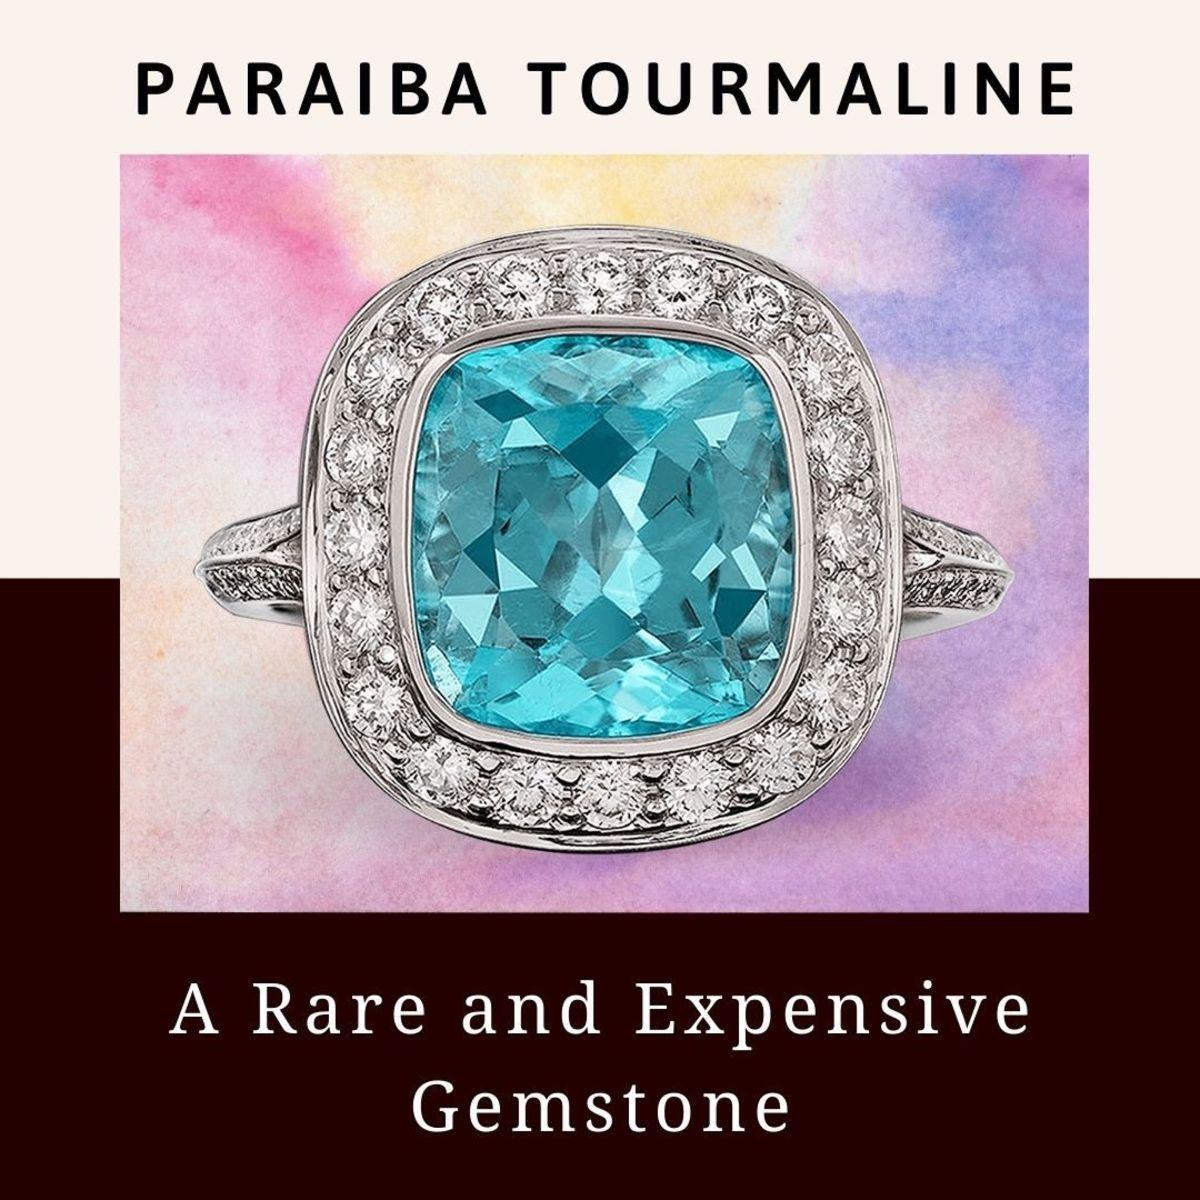 Paraiba Tourmaline a Rare and Expensive Gemstone